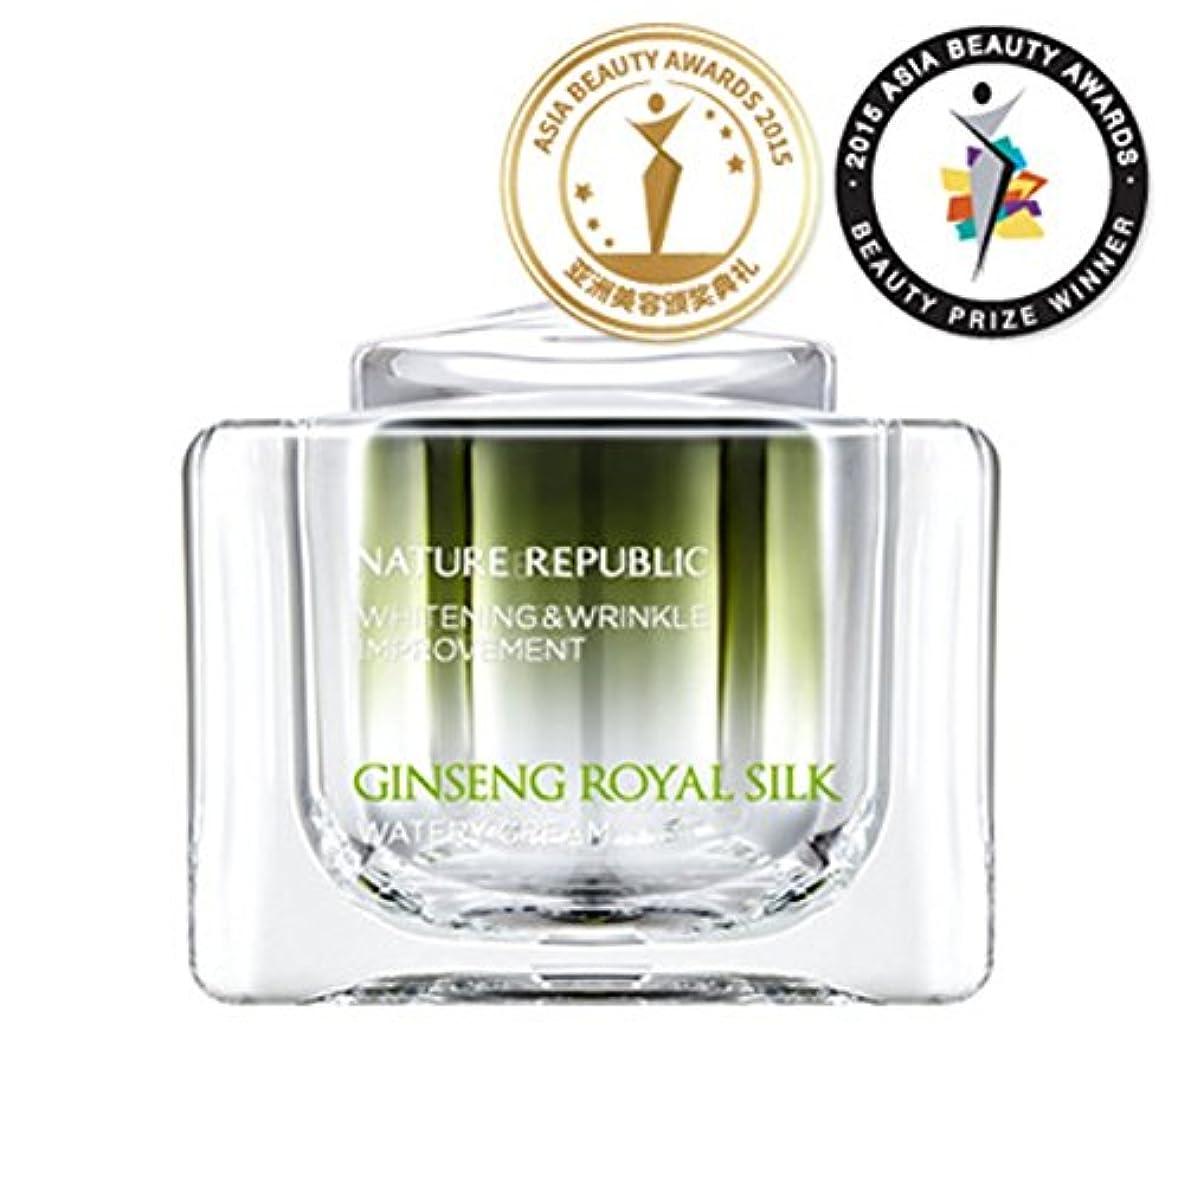 スクレーパー責めモールス信号ネイチャーリパブリック [韓国コスメ NATURE REPUBLIC] ジンセン ロイヤル シルク ウォータリー クリーム [海外直送品]Nature Republic, Ginseng Royal silk Watery...